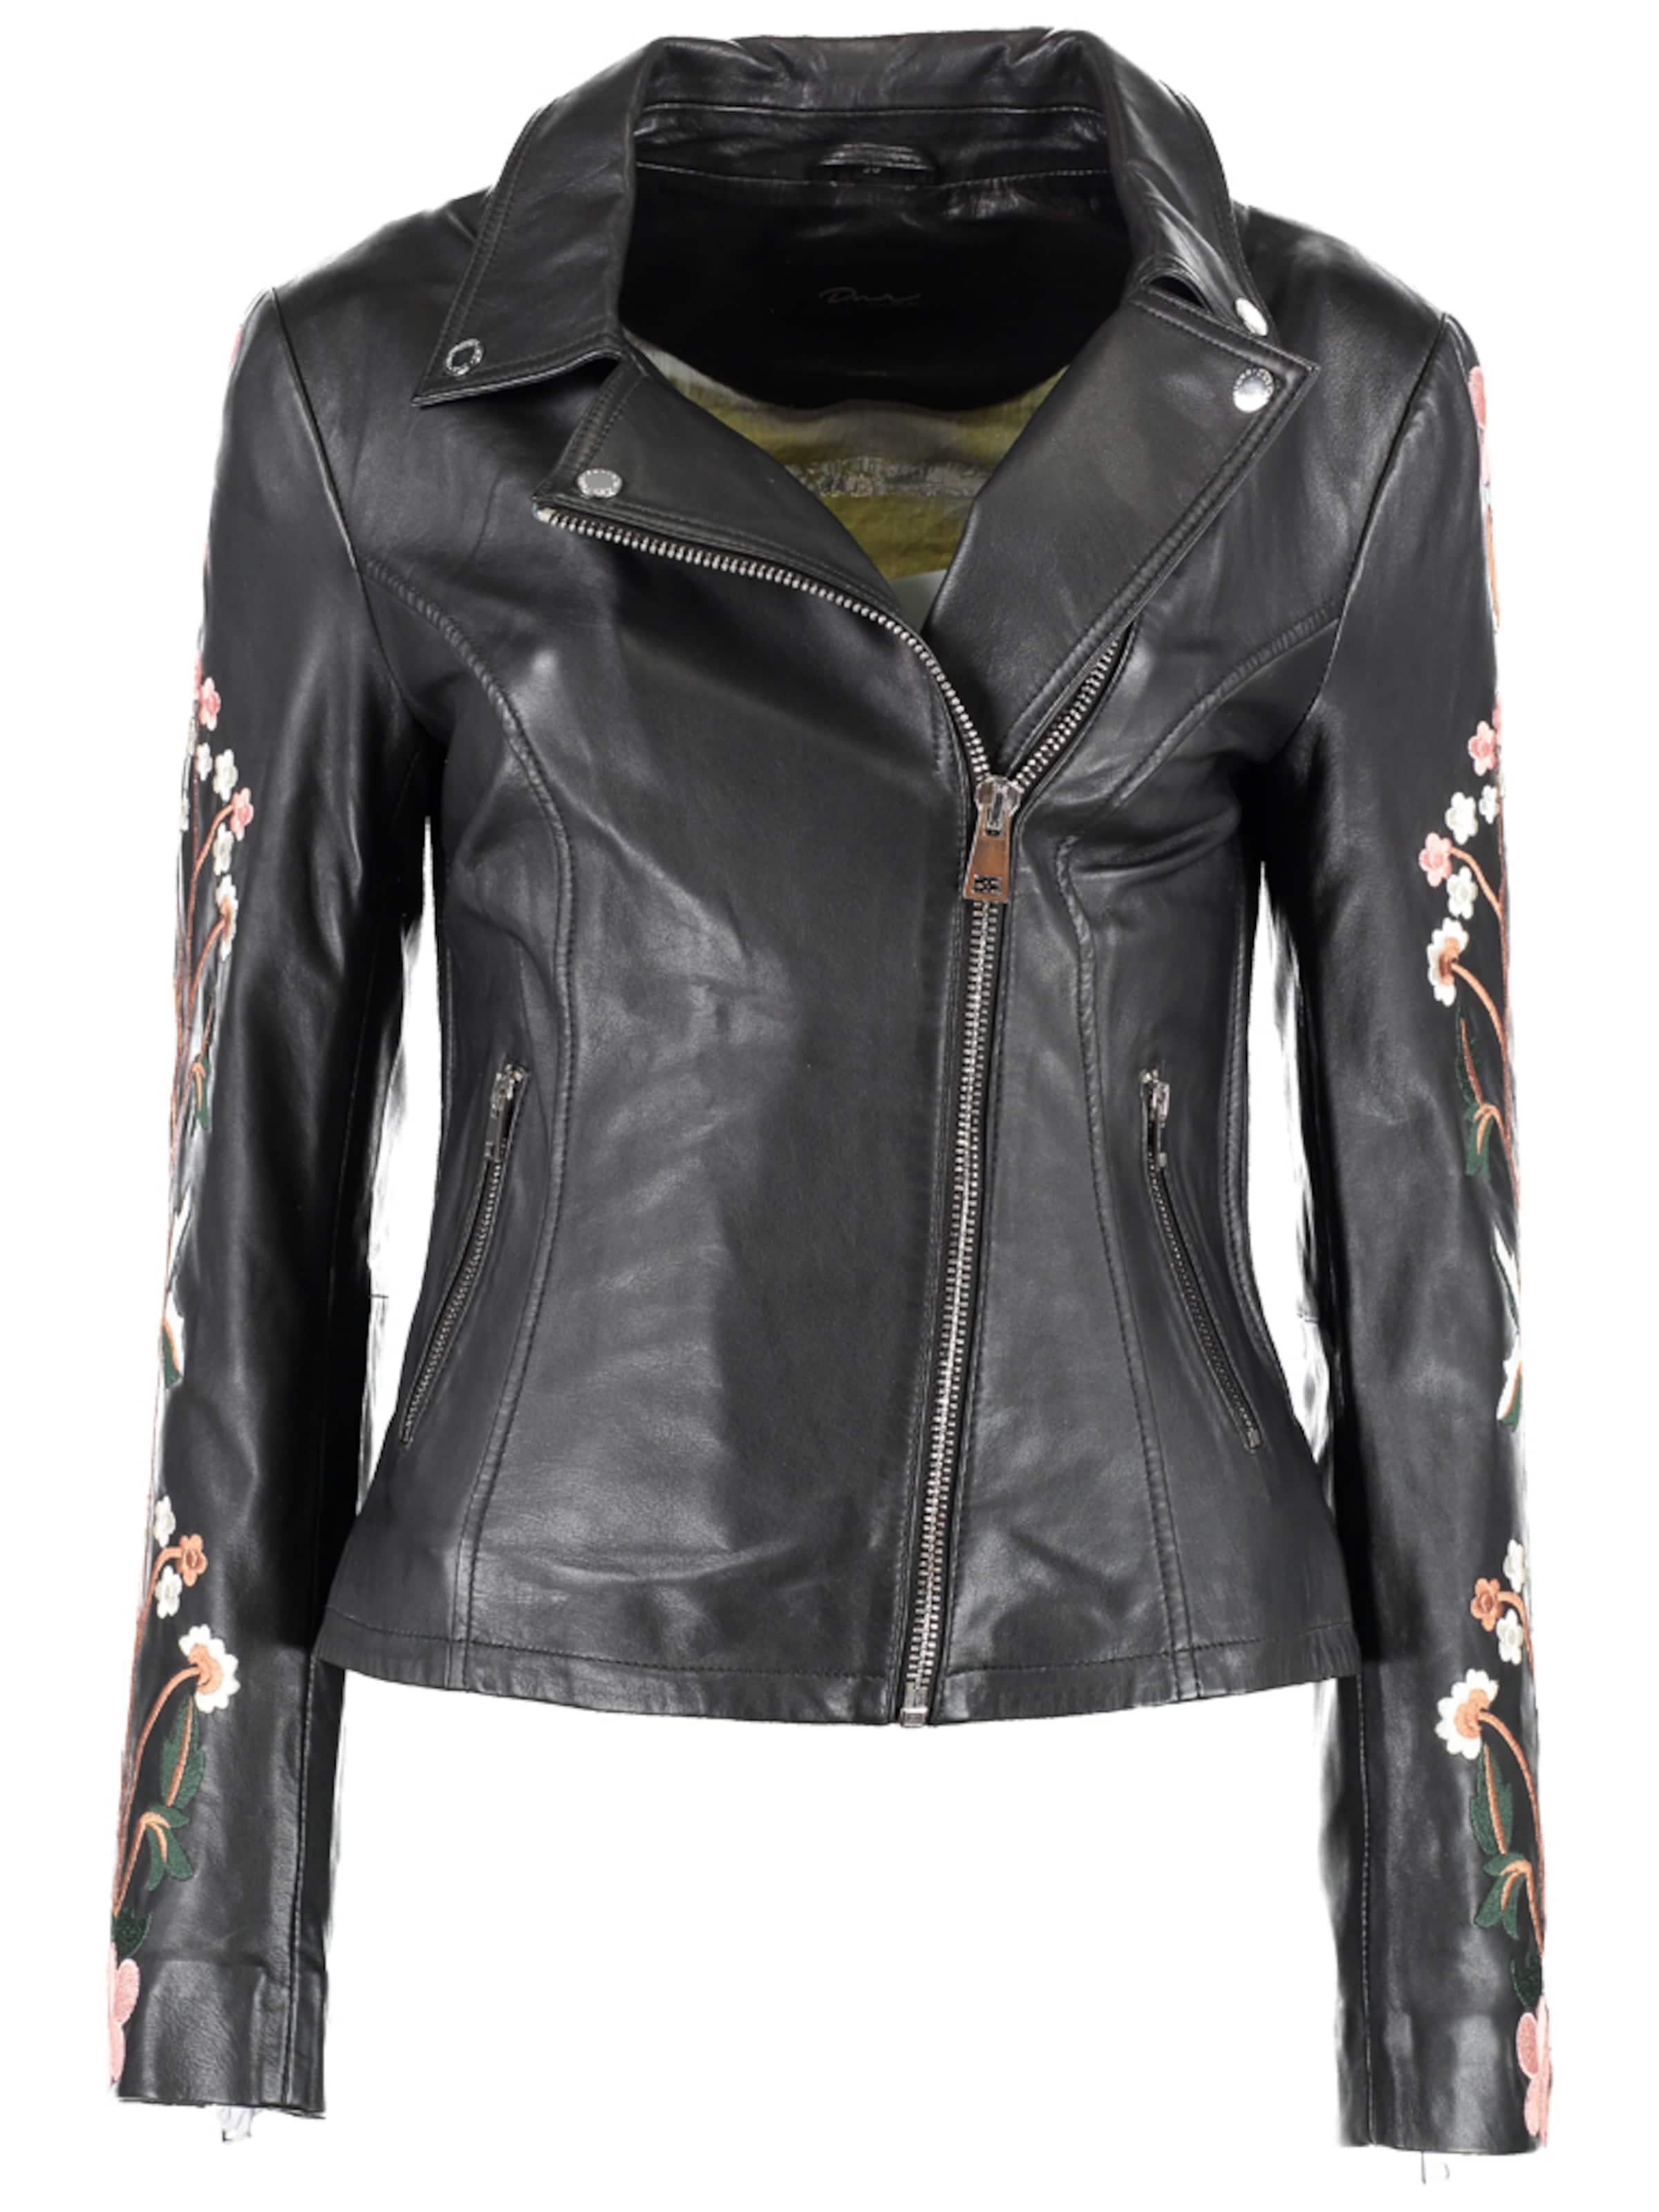 Mit In Dnr Floralen Schwarz Jackets Lederjacke Stickereien Damen toQrBhCsdx